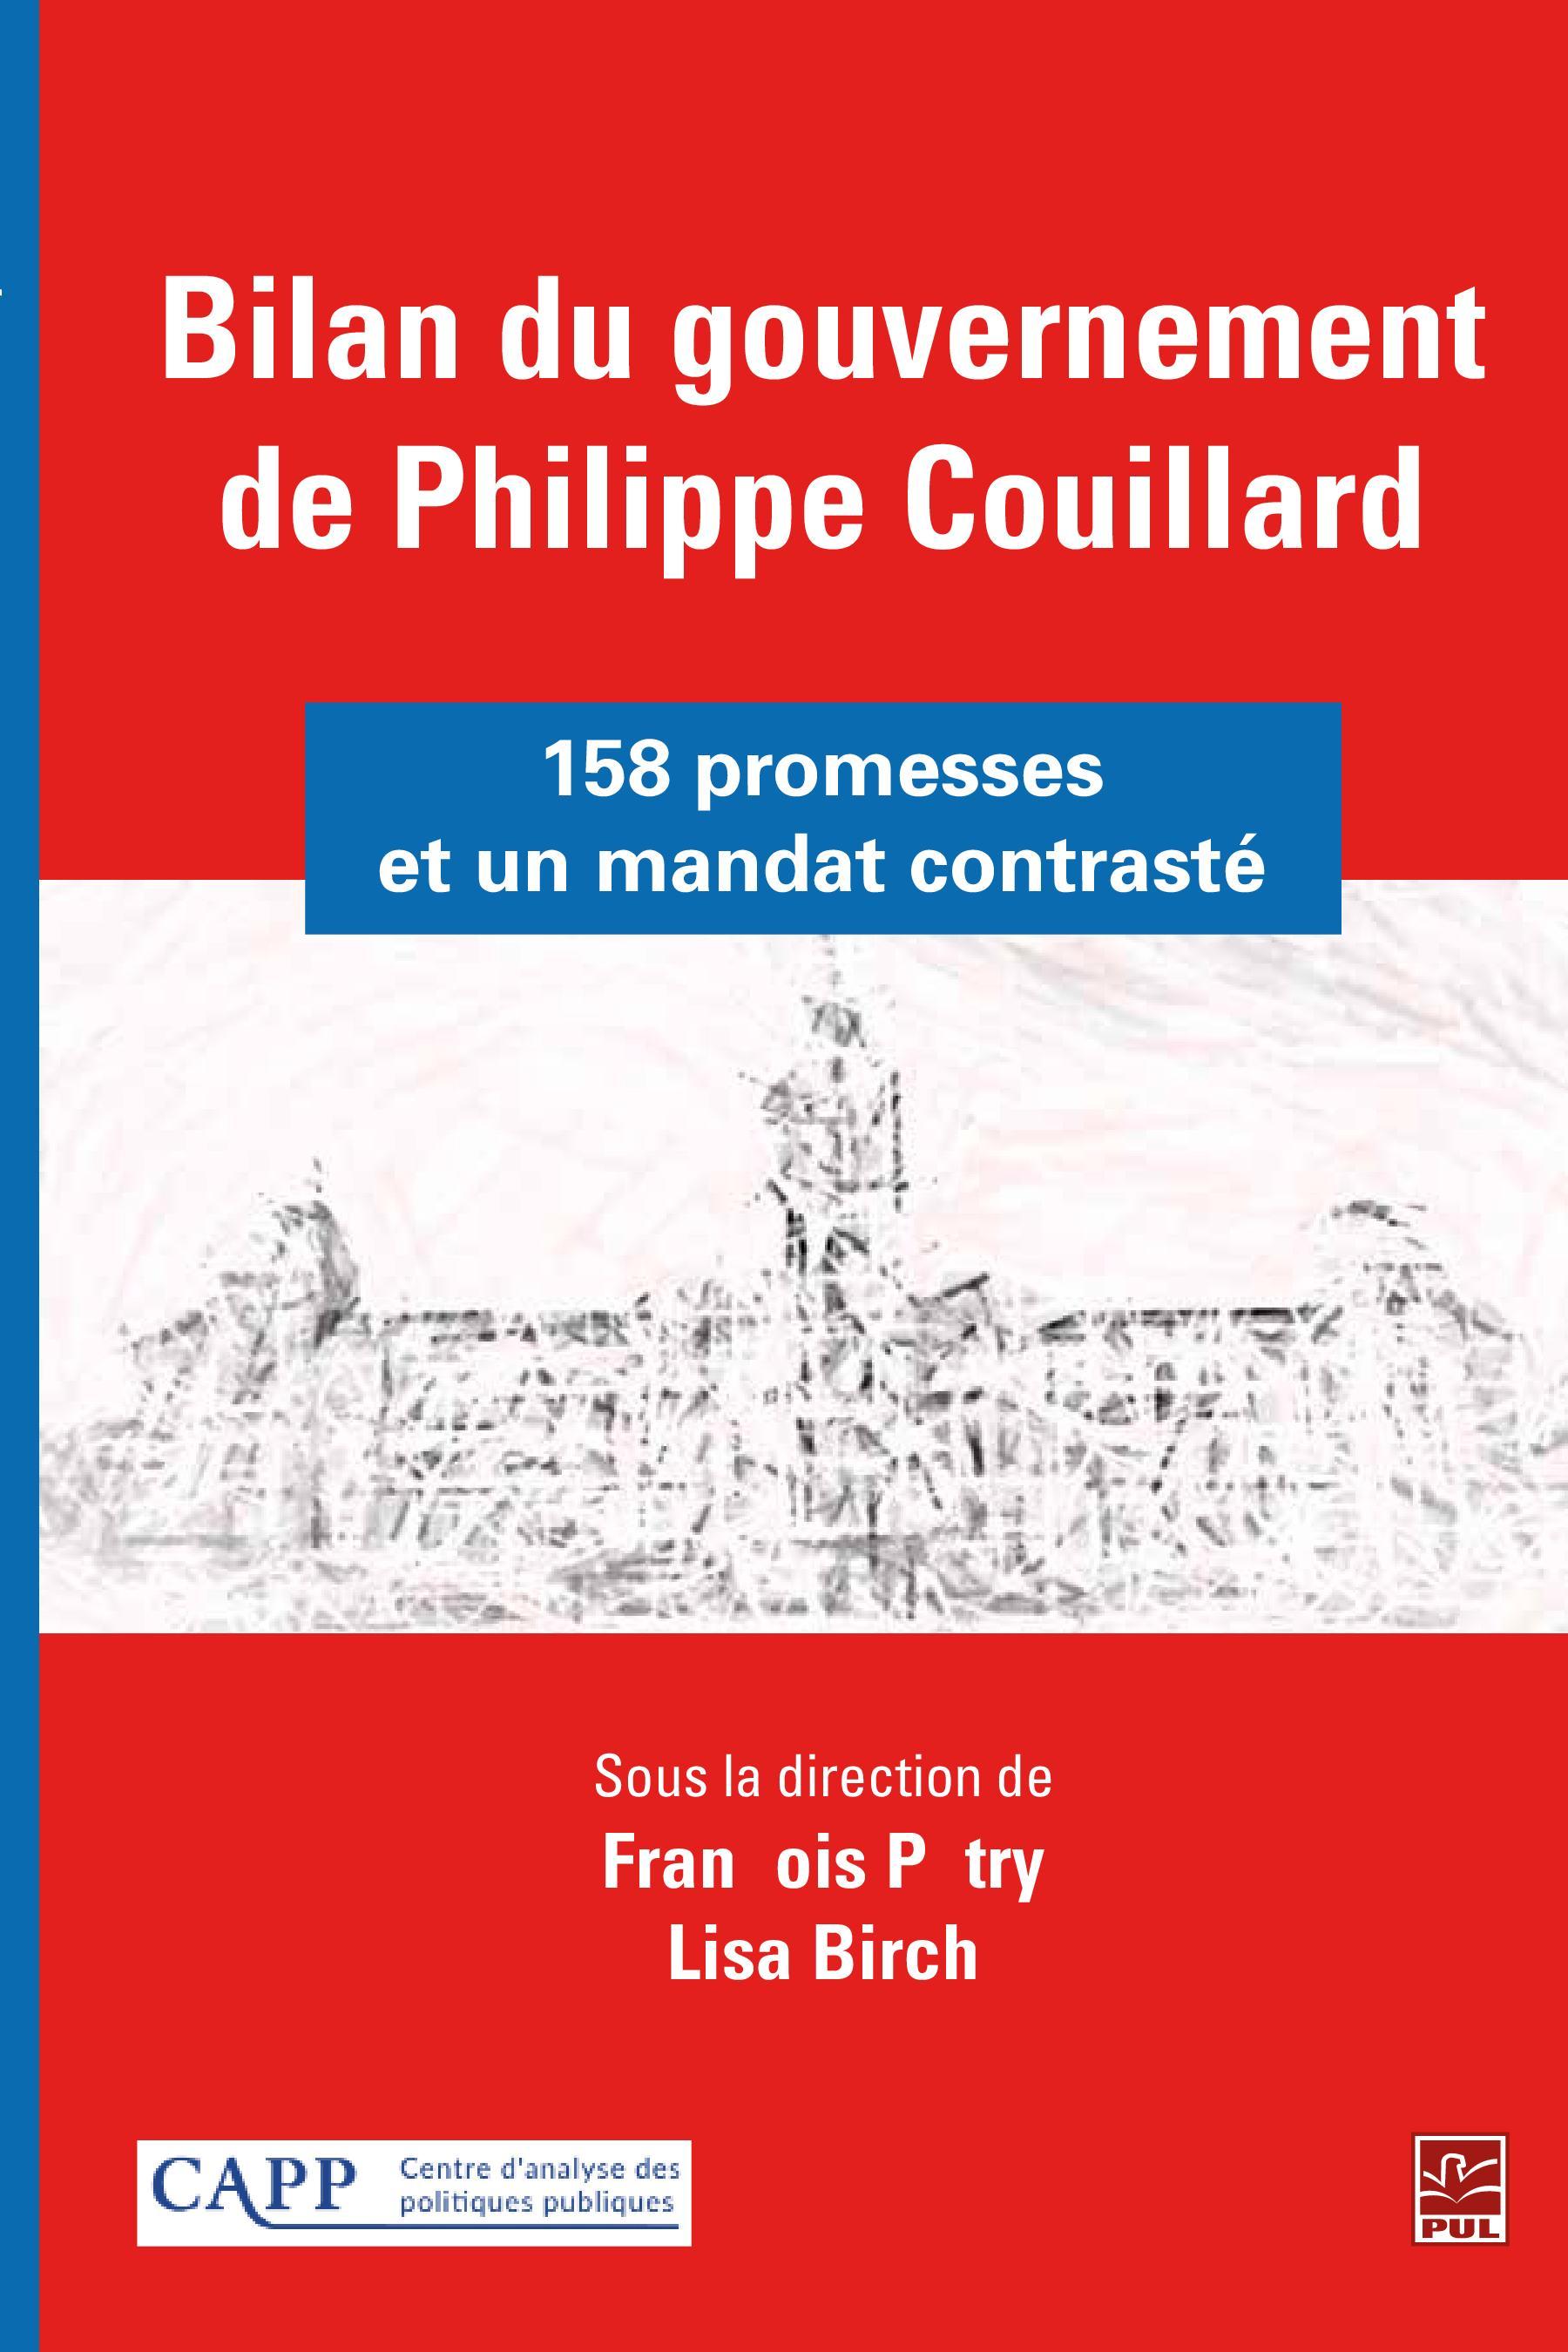 Bilan du gouvernement de Philippe Couillard : 158 promesses et un mandat contrasté